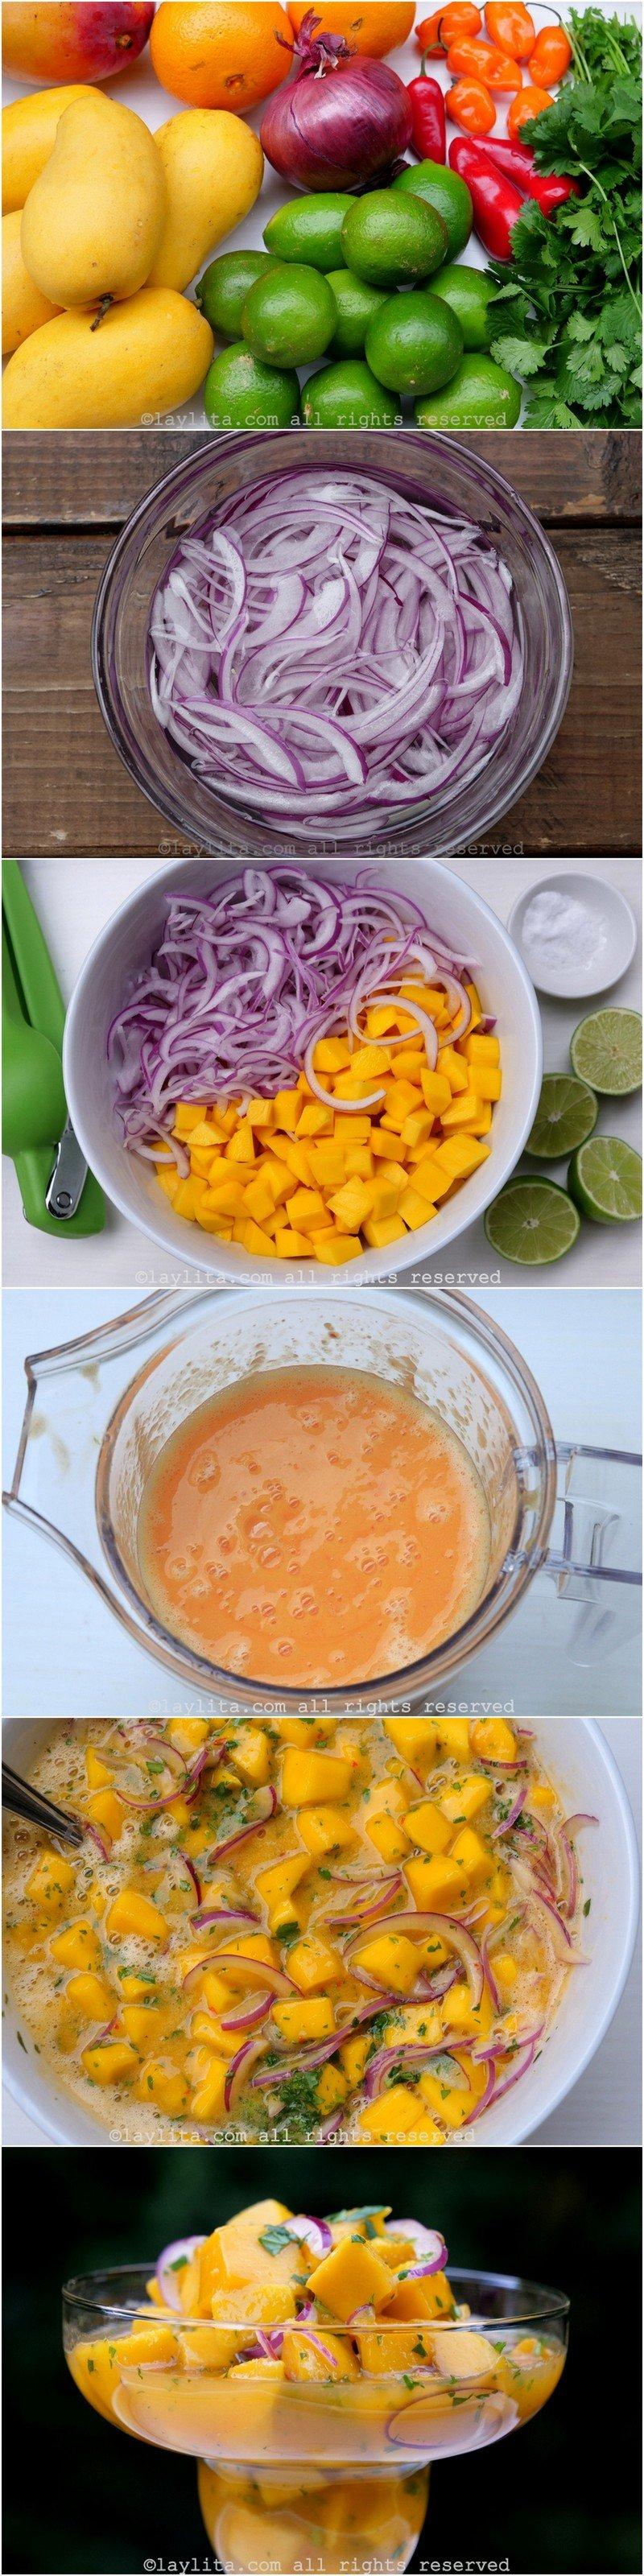 Como preparar ceviche de mango